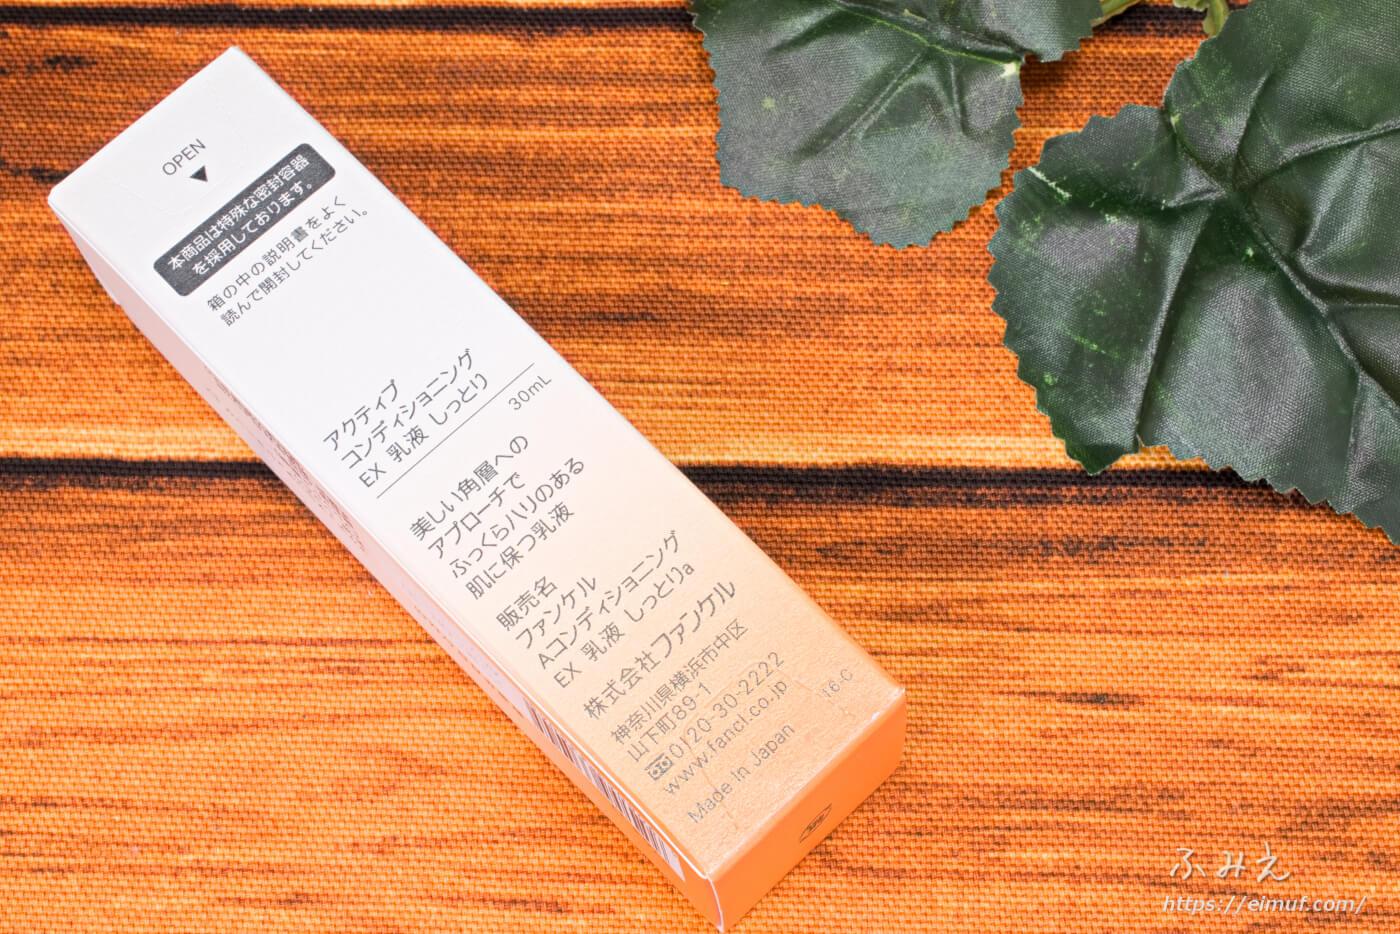 ファンケル 無添加モイストリファイン (旧無添加 アクティブコンディショニングEX 乳液II) パッケージ裏面